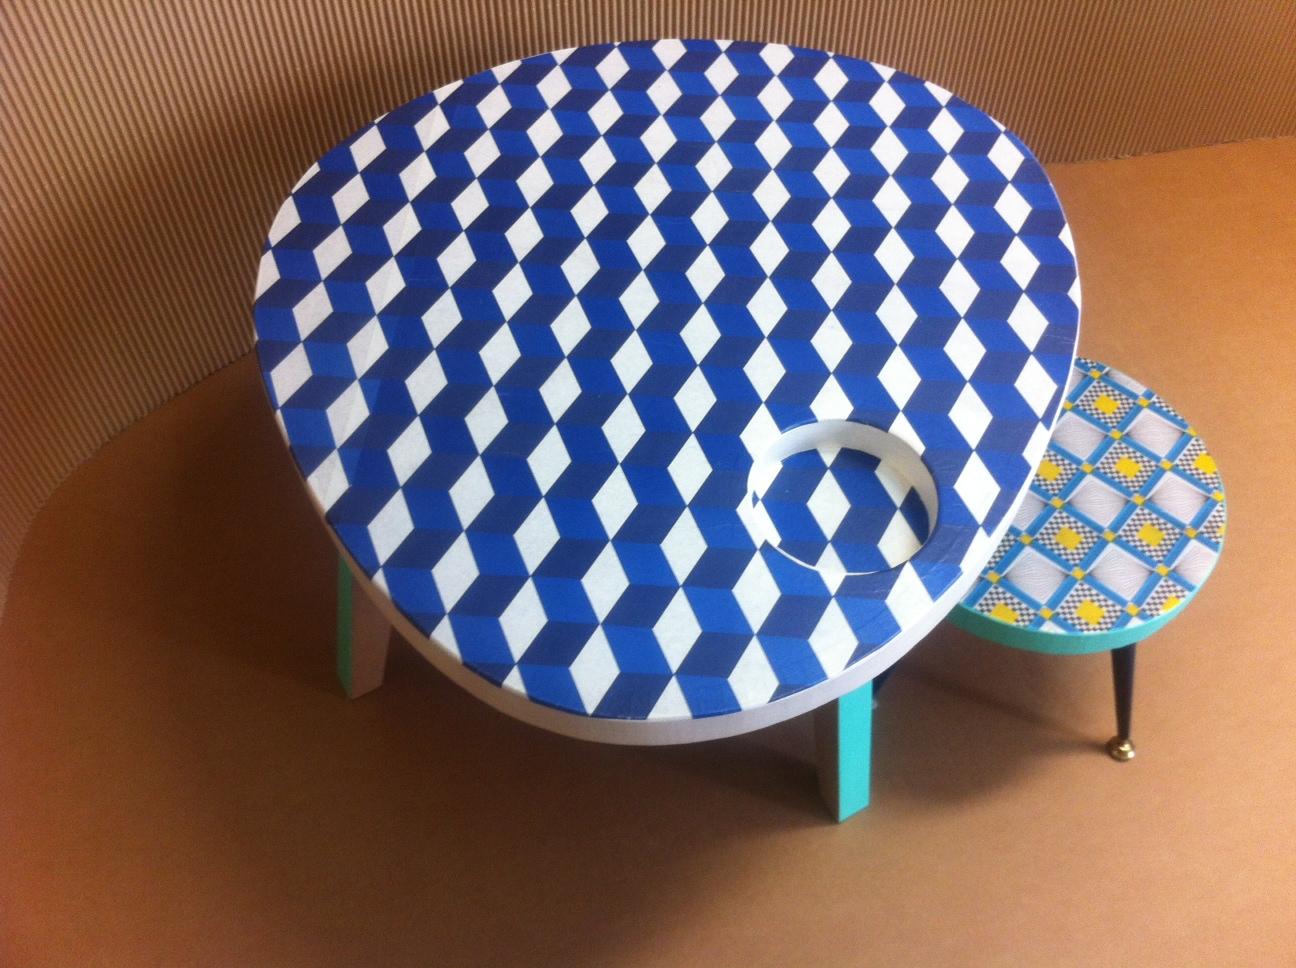 table basse en carton avec tabouret design. motif géométrique. pieds en métal. fabriqués à marseille par juliadesign